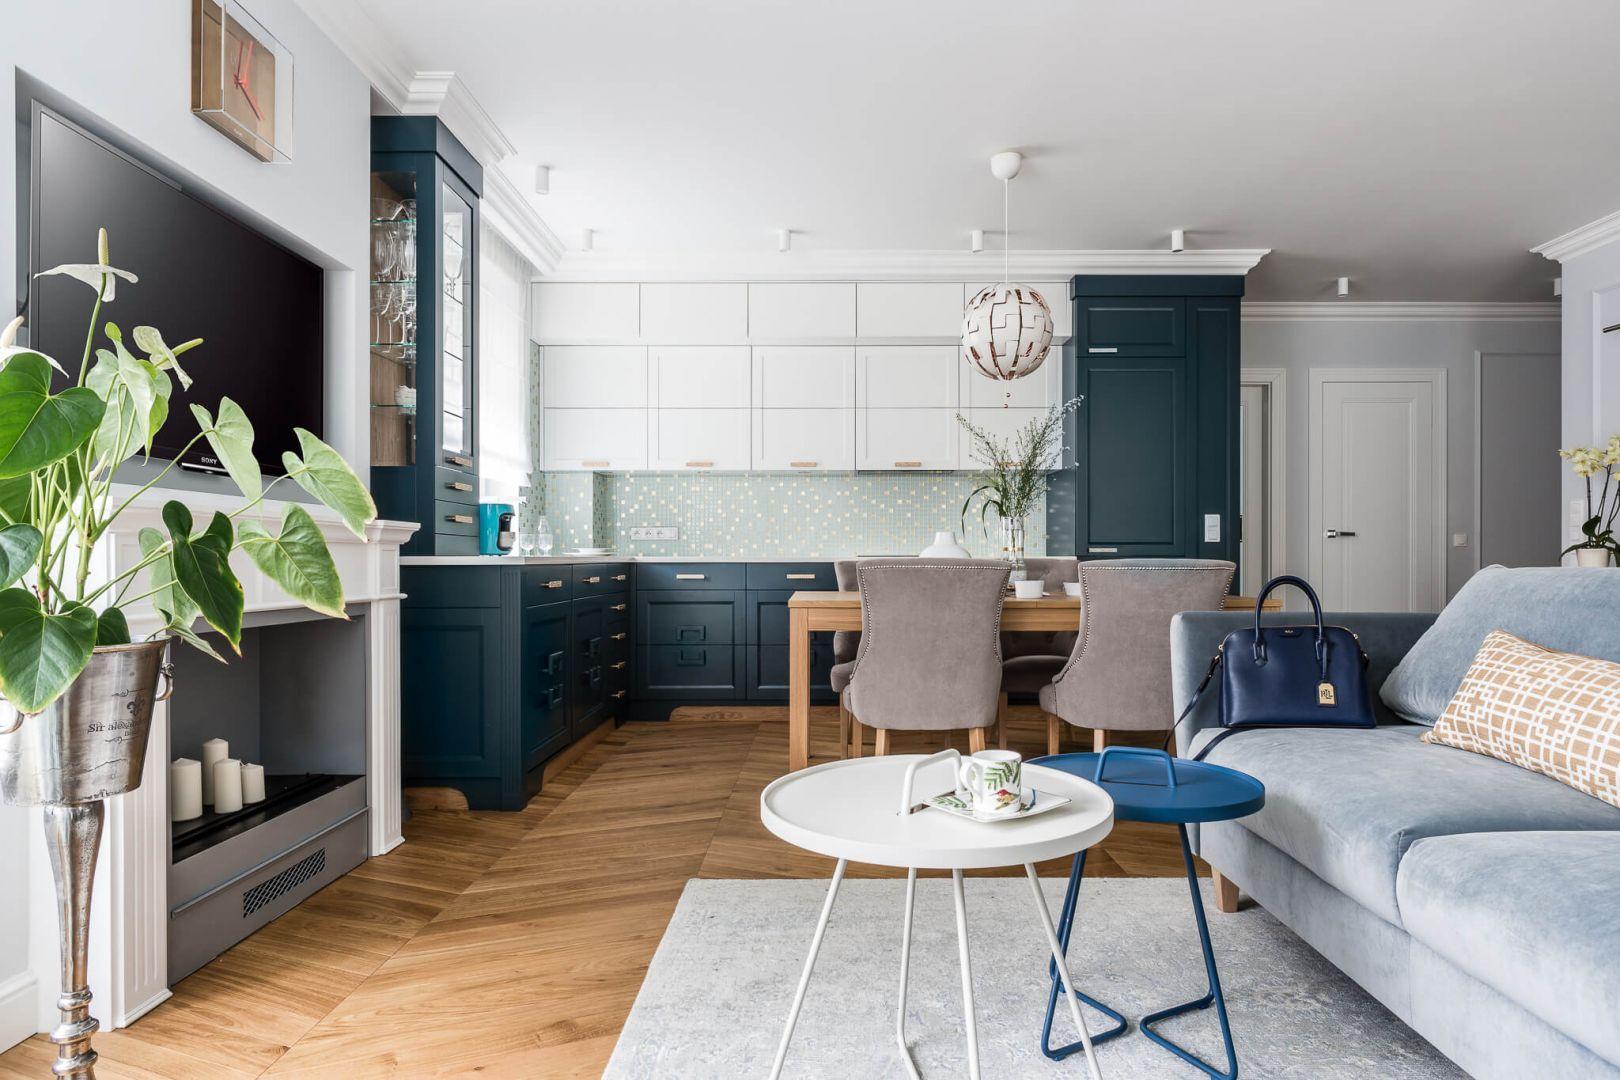 Do jasnoszarej kanapy dobrano dwa okrągłe stoliki w skandynawskim stylu - jeden biały, drugi w modnym granacie. Projekt: Magdalena Bielicka, Maria Zrzelska-Pawlak. Fot. Fotomohito